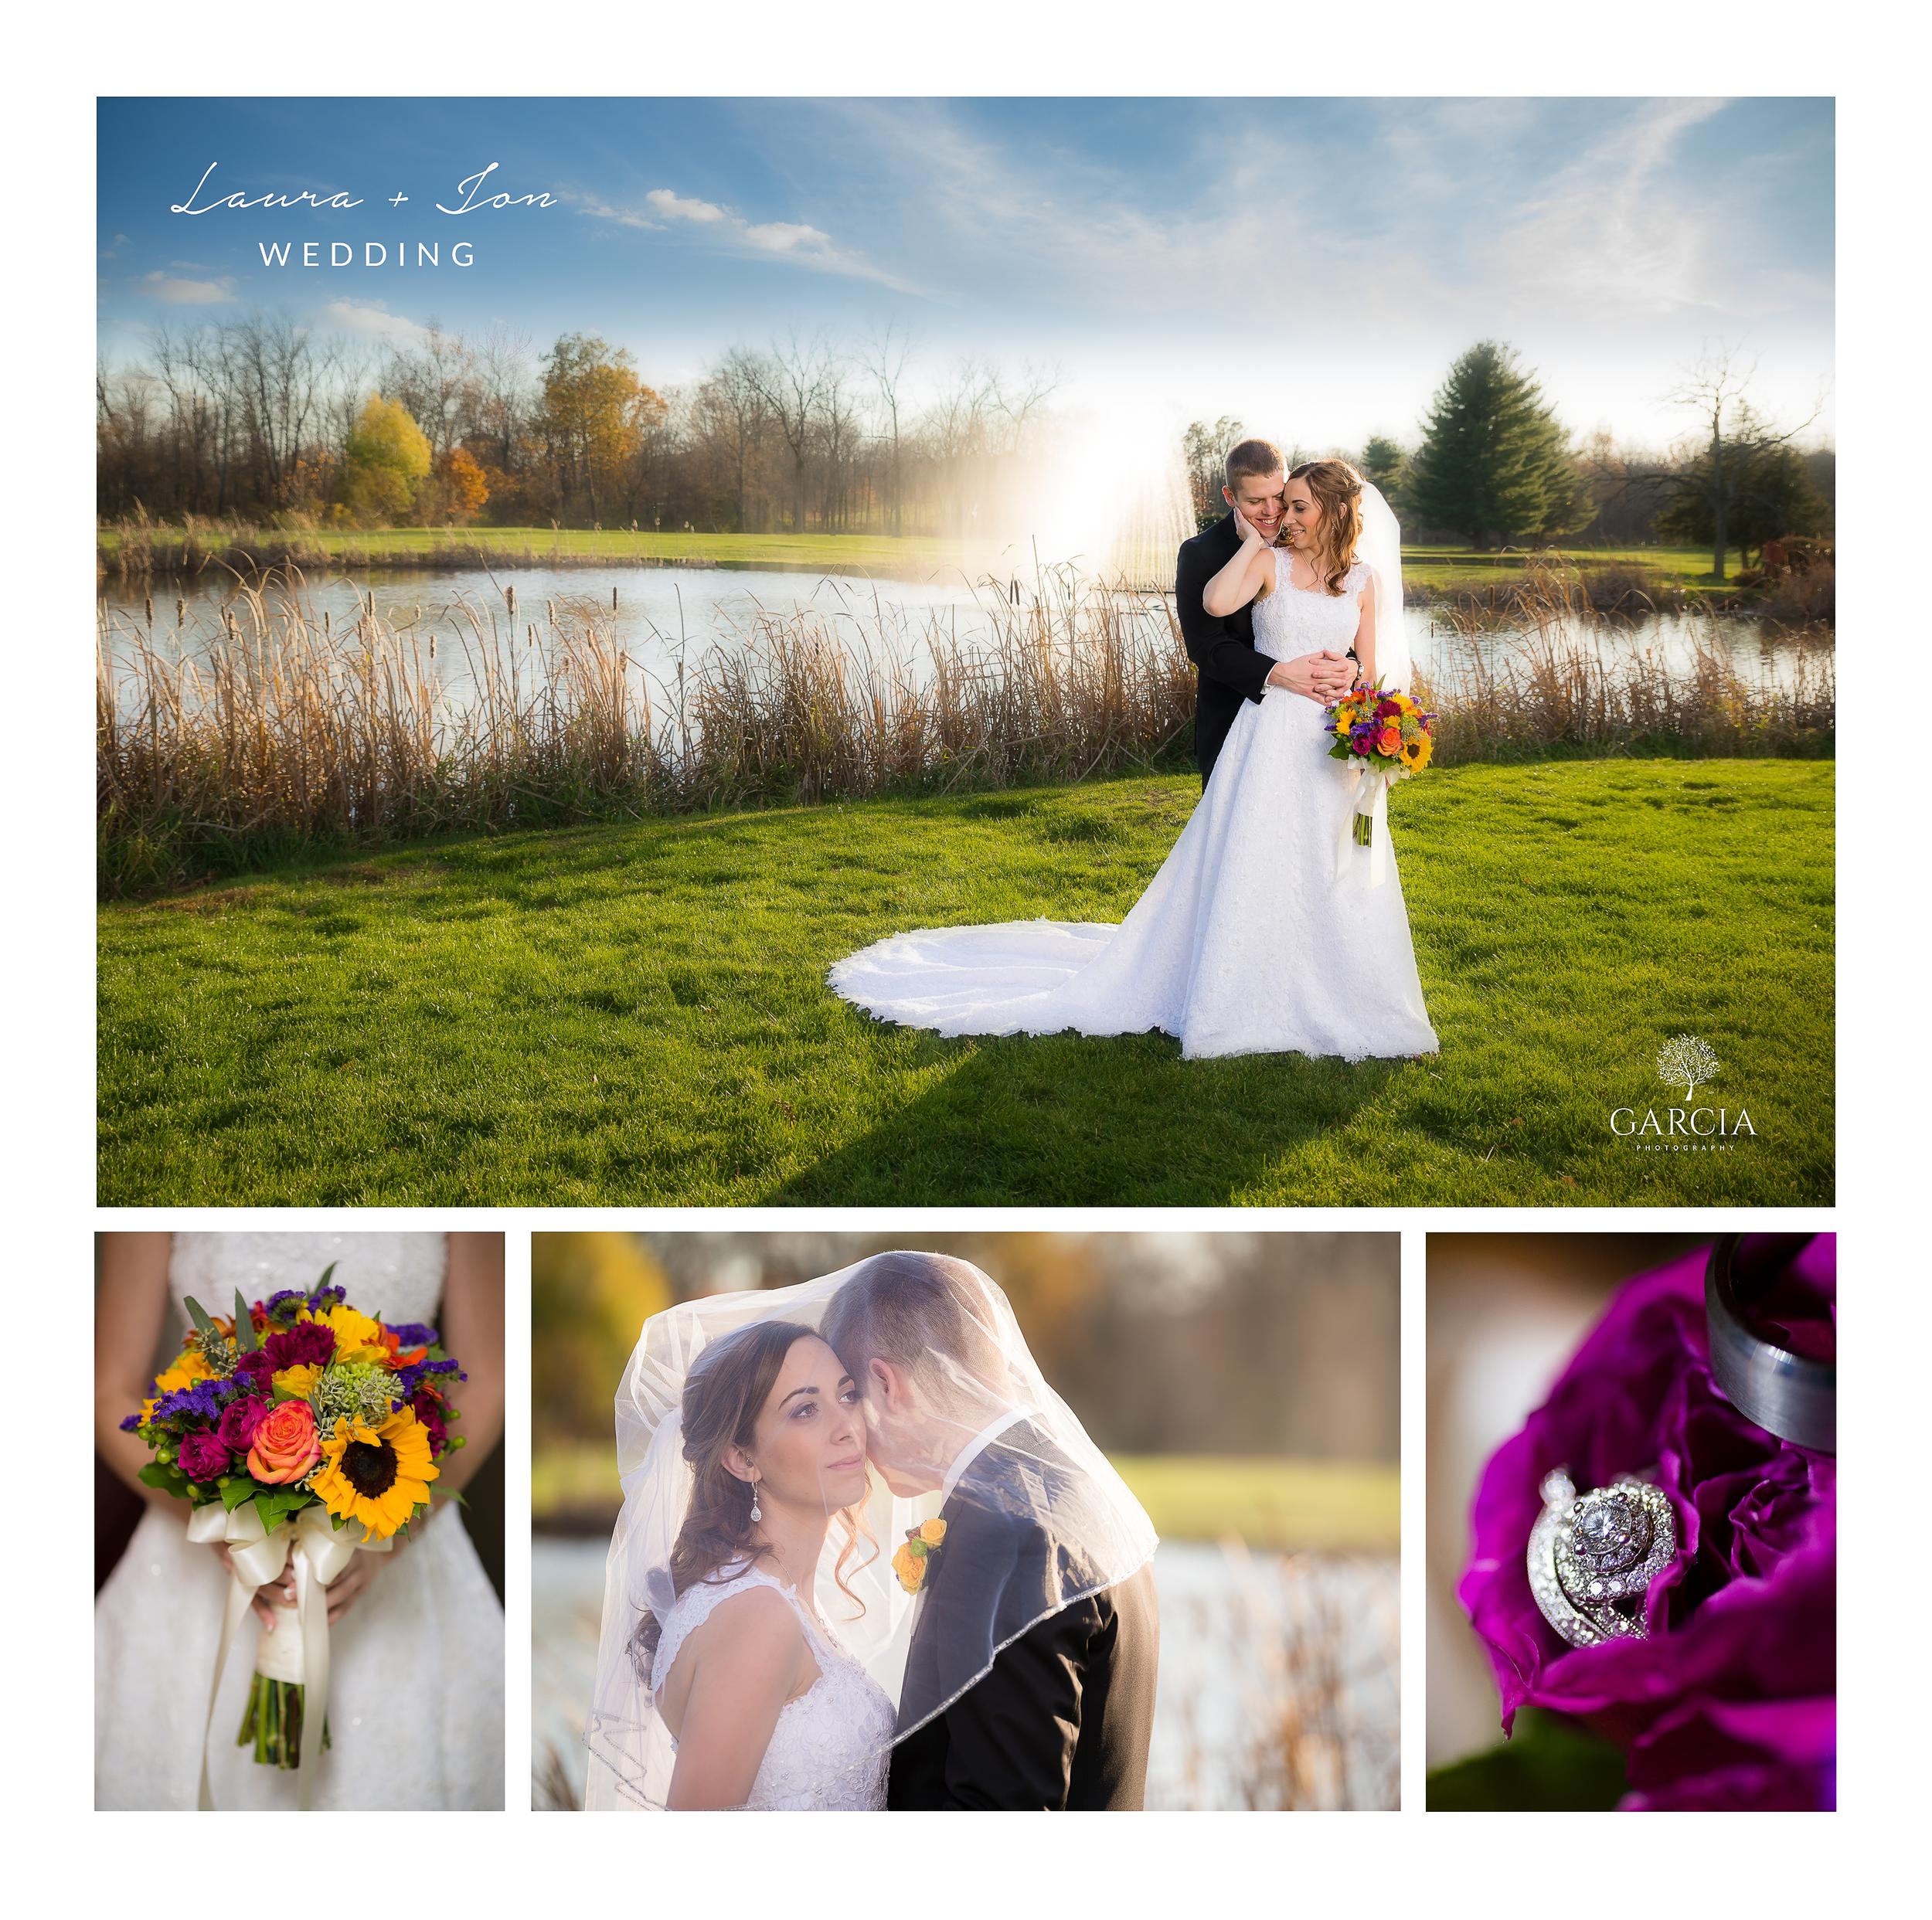 WeddingsByGarciaPhotography